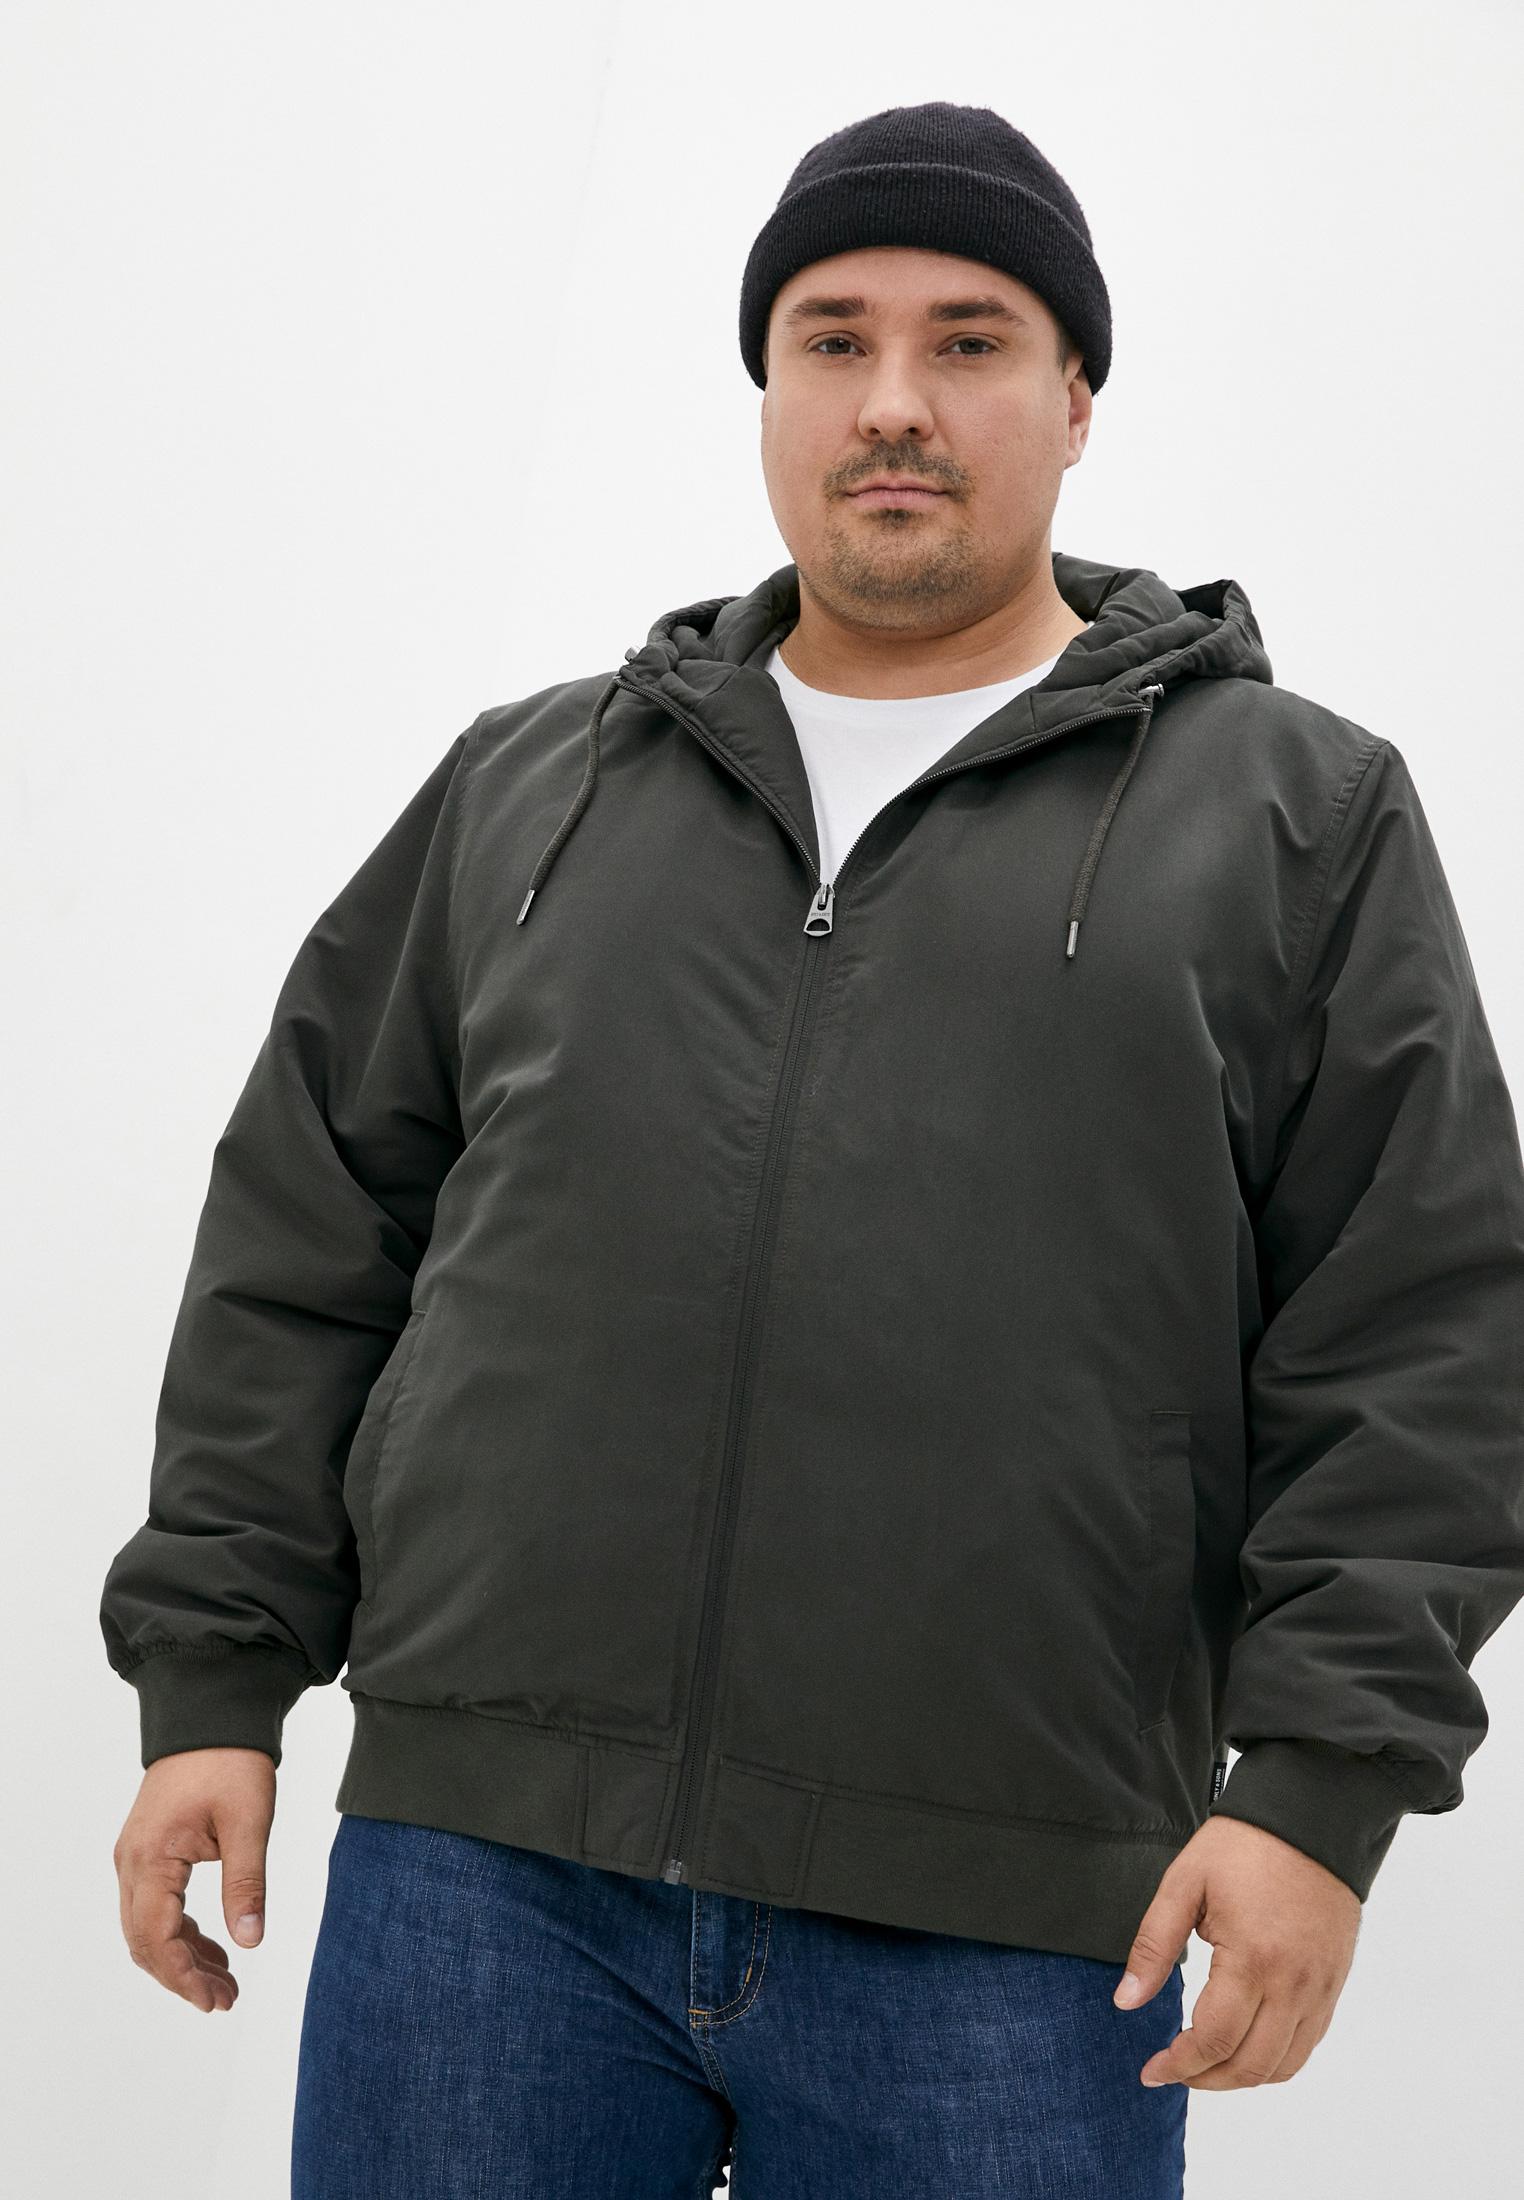 Утепленная куртка Only & Sons (Онли Энд Санс) Куртка утепленная Only & Sons